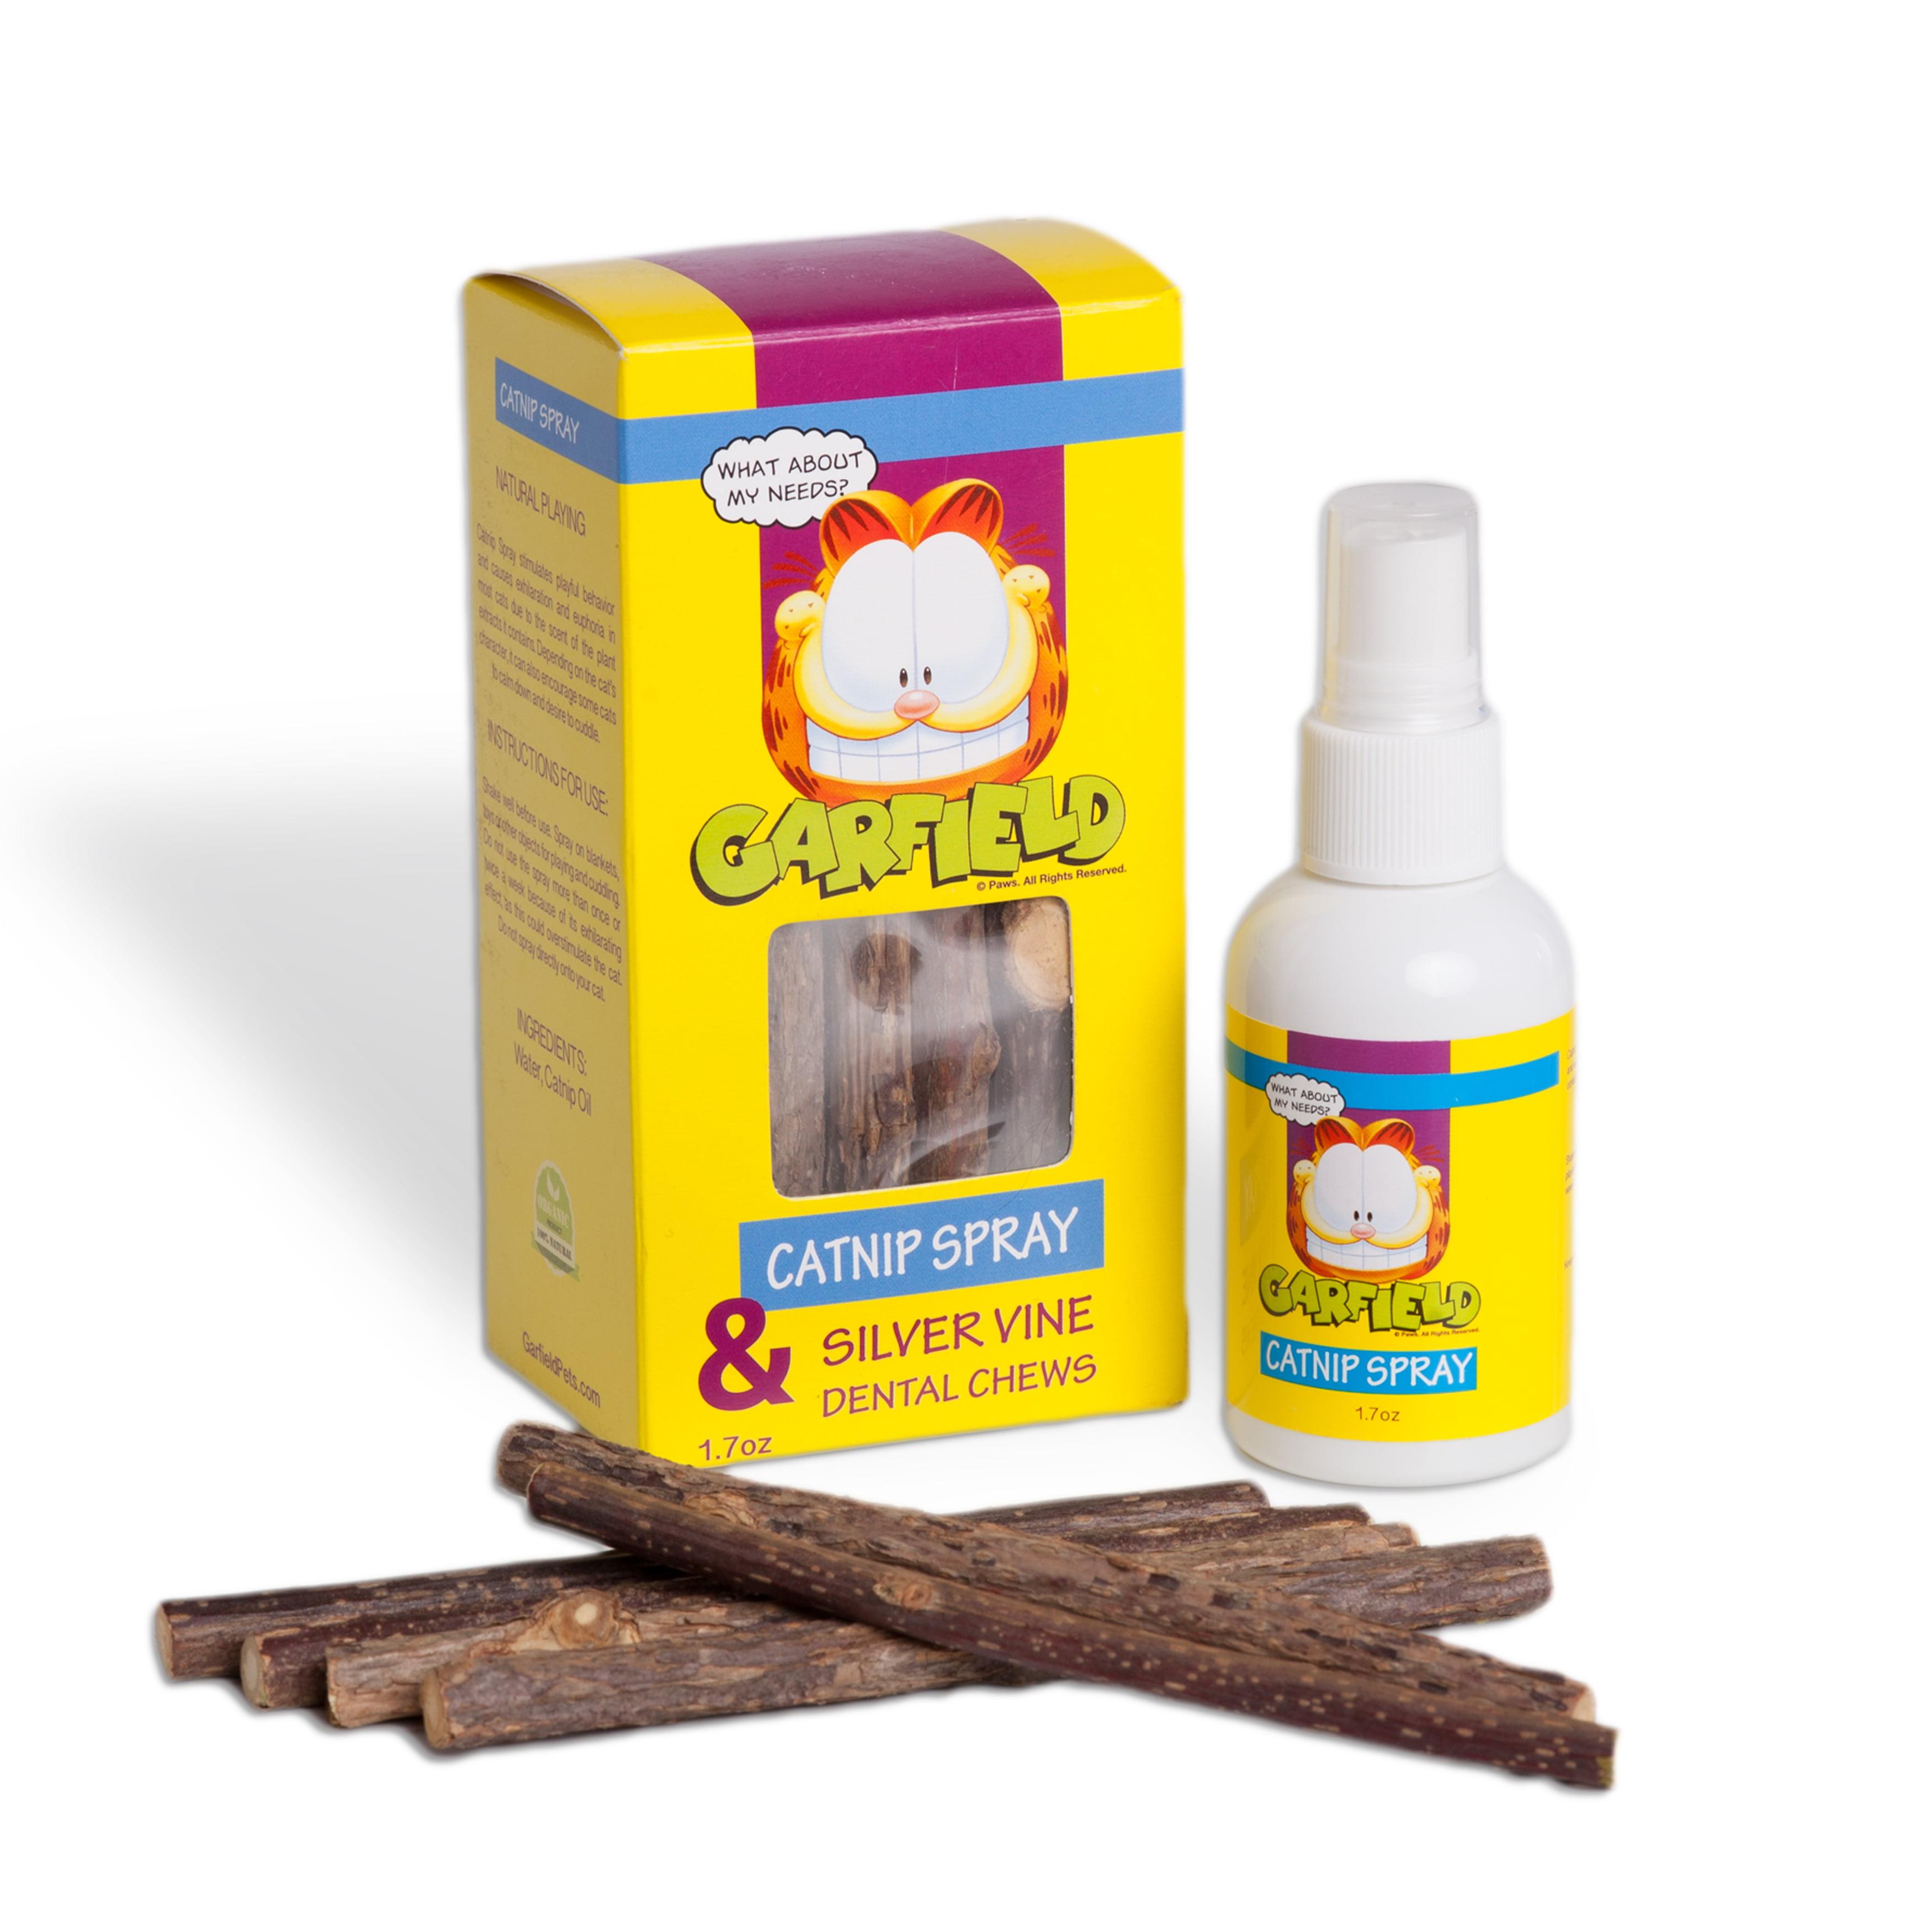 Garfield Catnip Spray and Silver Vine Sticks by